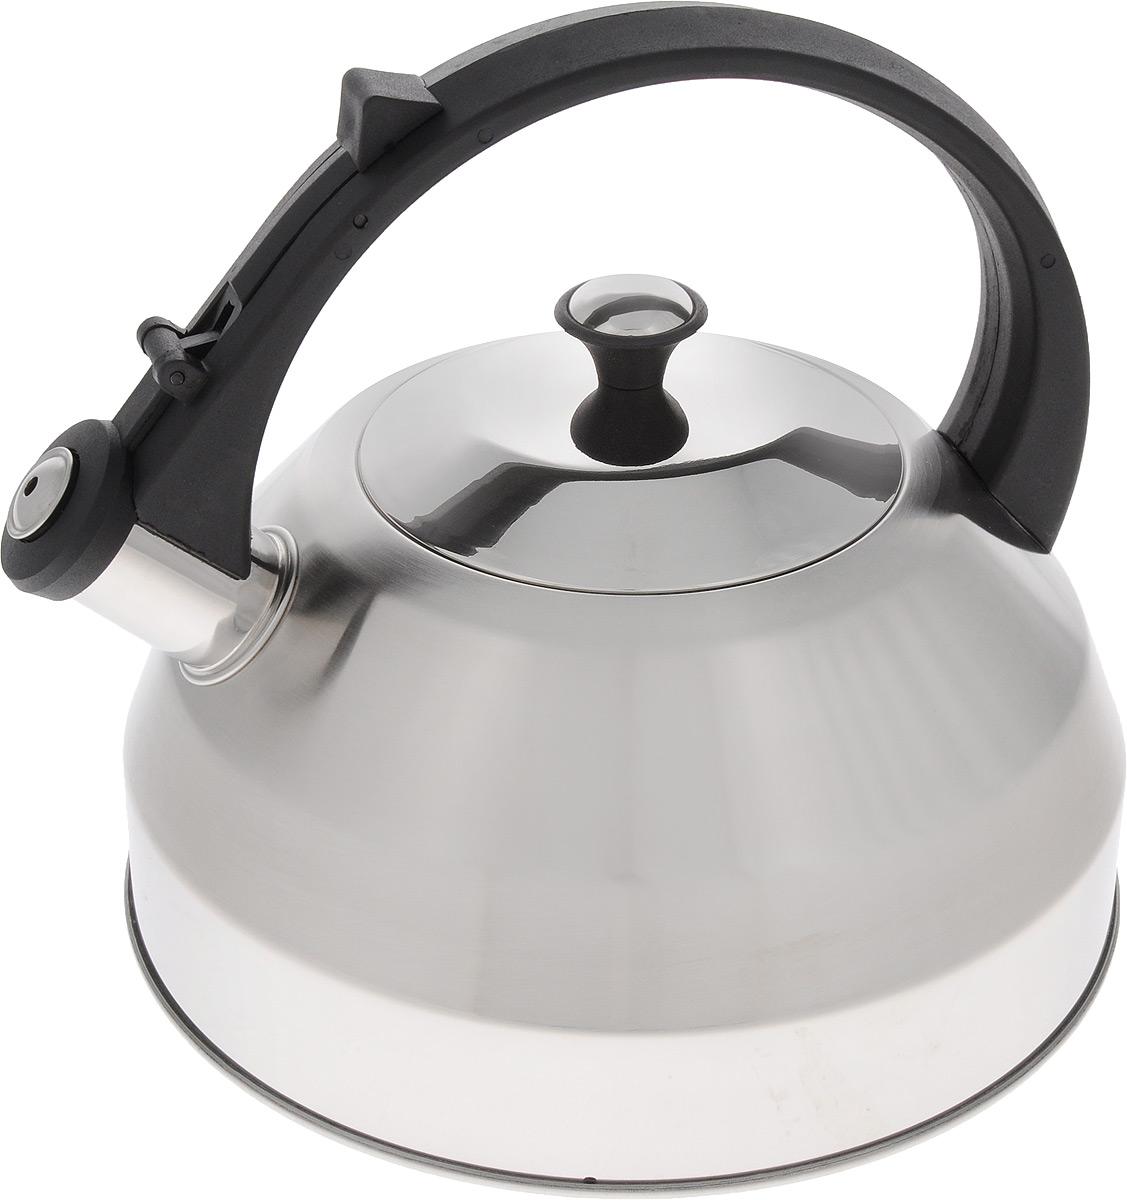 """Чайник """"Mayer & Boch"""" изготовлен из высококачественной нержавеющей стали, что делает его весьма гигиеничным и устойчивым к износу при длительном использовании. Капсулированное дно обеспечивает равномерный и быстрый нагрев, поэтому вода закипает гораздо быстрее, чем в обычных чайниках. Чайник оснащен откидным свистком, звуковой сигнал которого подскажет, когда закипит вода. Фиксированная пластиковая ручка дает дополнительное удобство при разлитии напитка. Чайник """"Mayer & Boch"""" идеально впишется в интерьер любой кухни и станет замечательным подарком к любому случаю. Подходит для всех типов плит, включая индукционные. Можно мыть в посудомоечной машине. Высота чайника (без учета ручки и крышки): 12 см.Высота чайника (с учетом ручки и крышки): 22 см.Диаметр чайника (по верхнему краю): 12 см."""